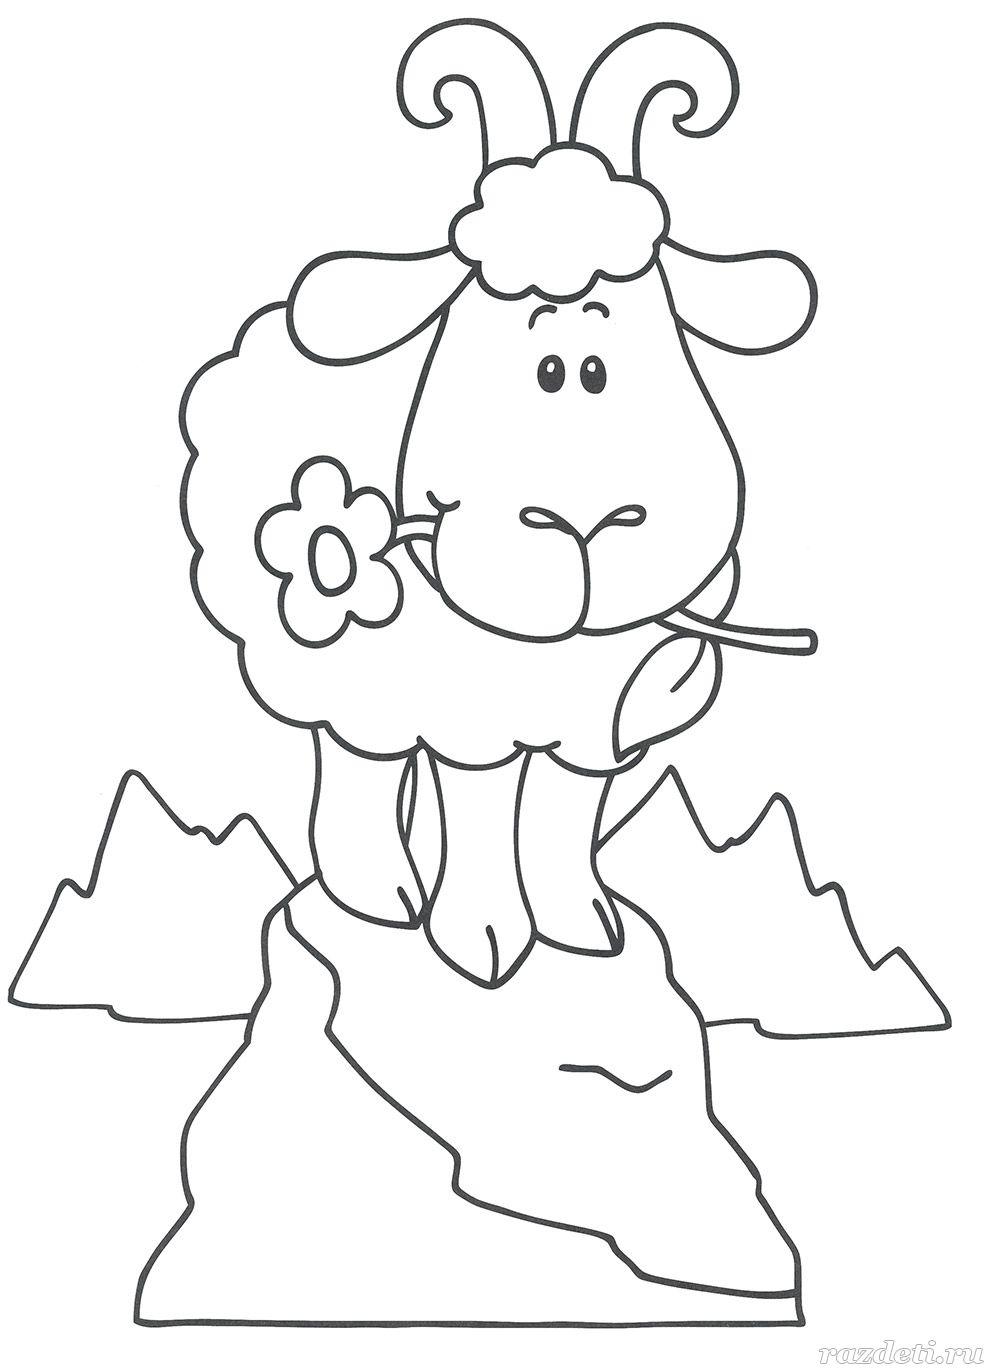 Детские раскраски для детей 3-4-5 лет распечатать бесплатно